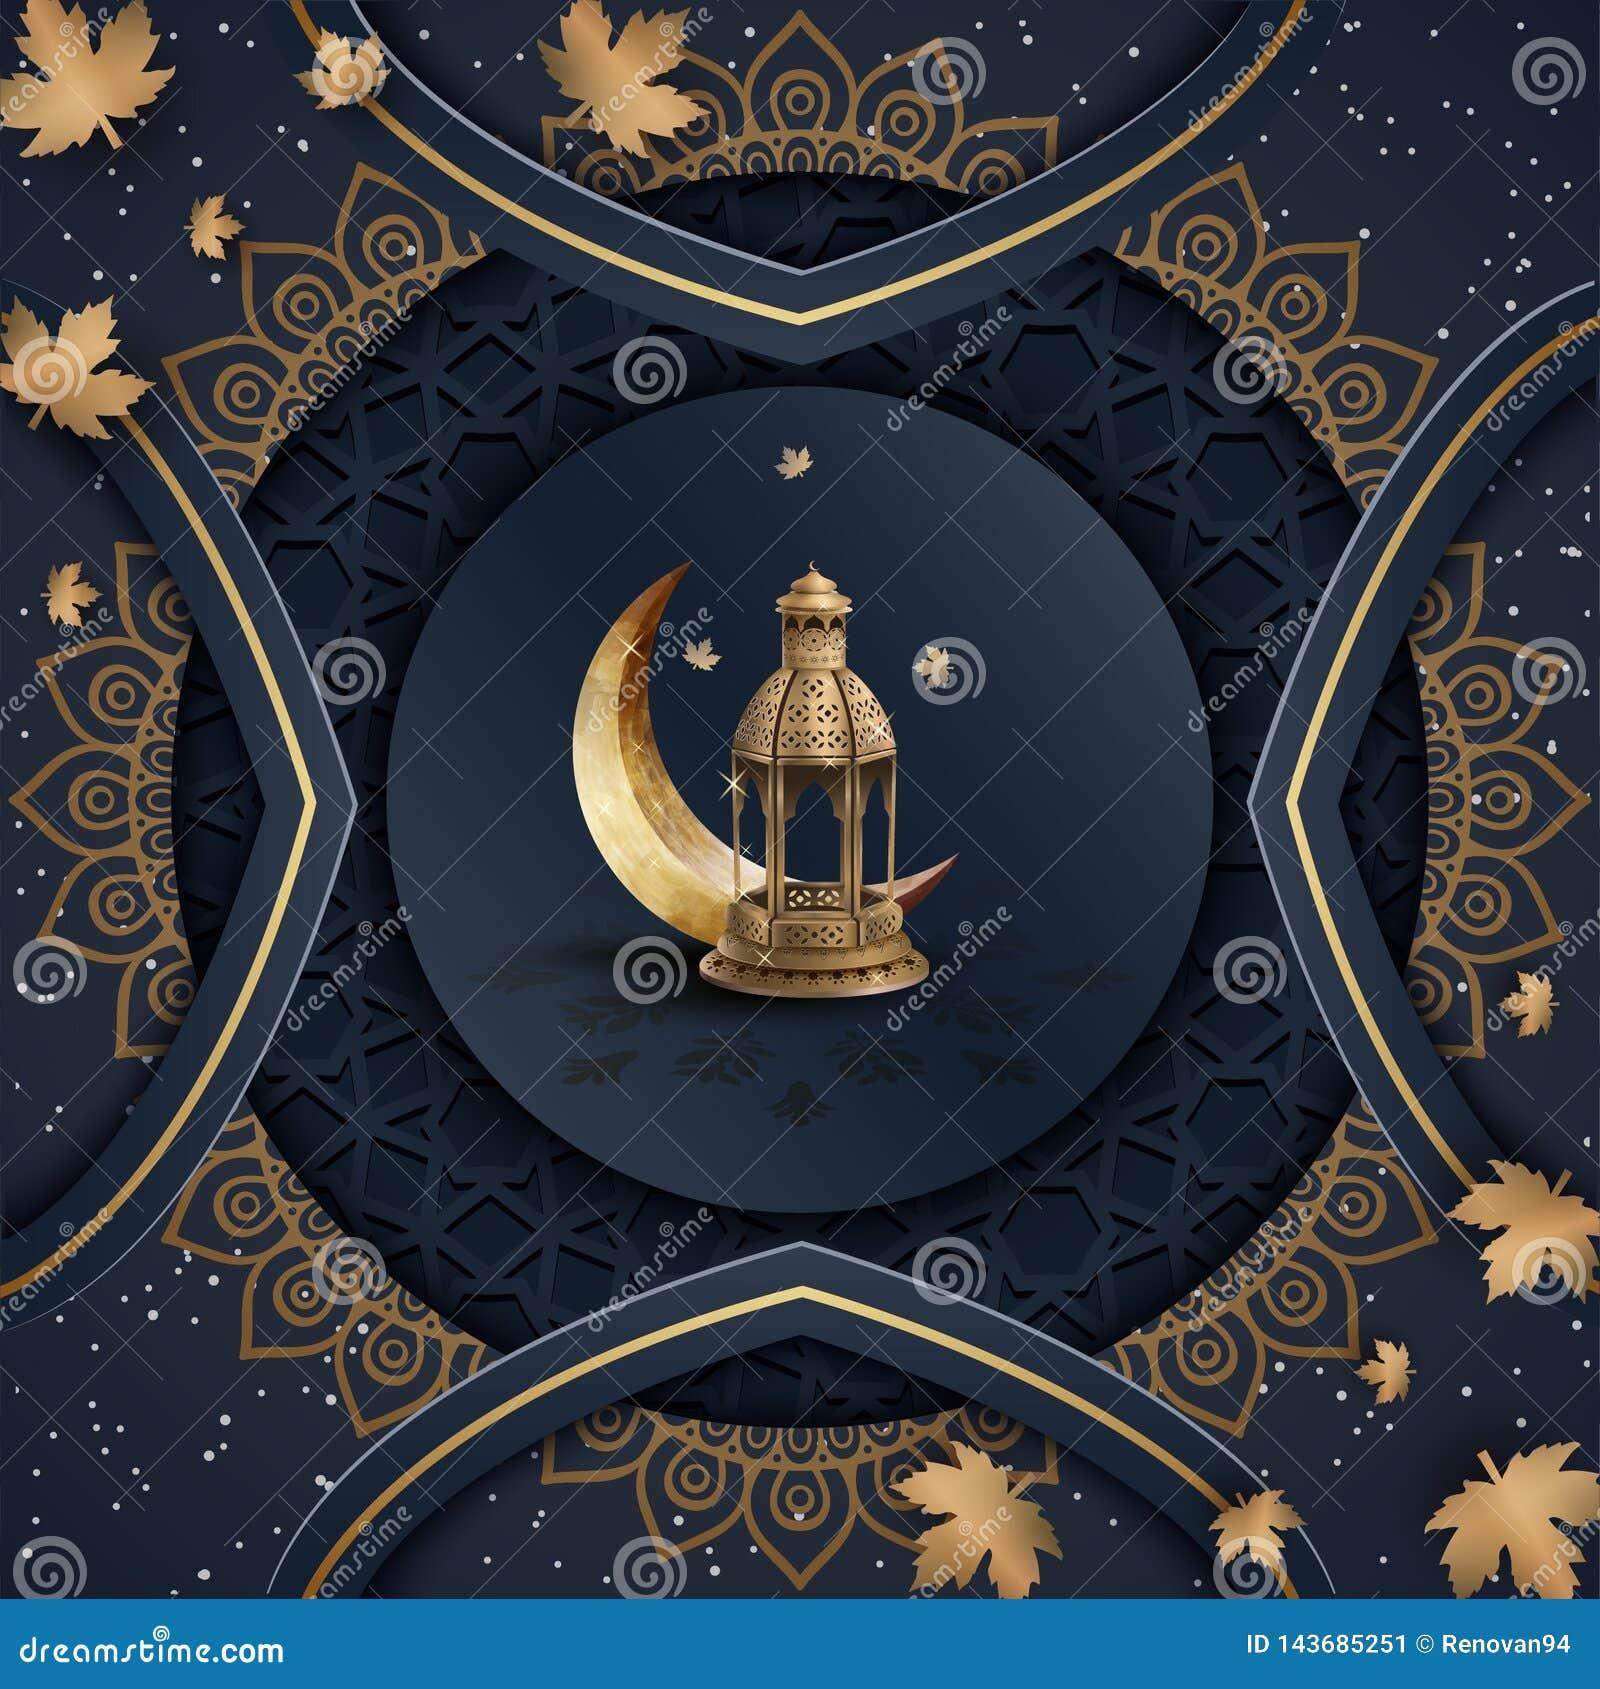 Islamischer Grußramadan-kareem Hintergrund-Schablonenentwurf